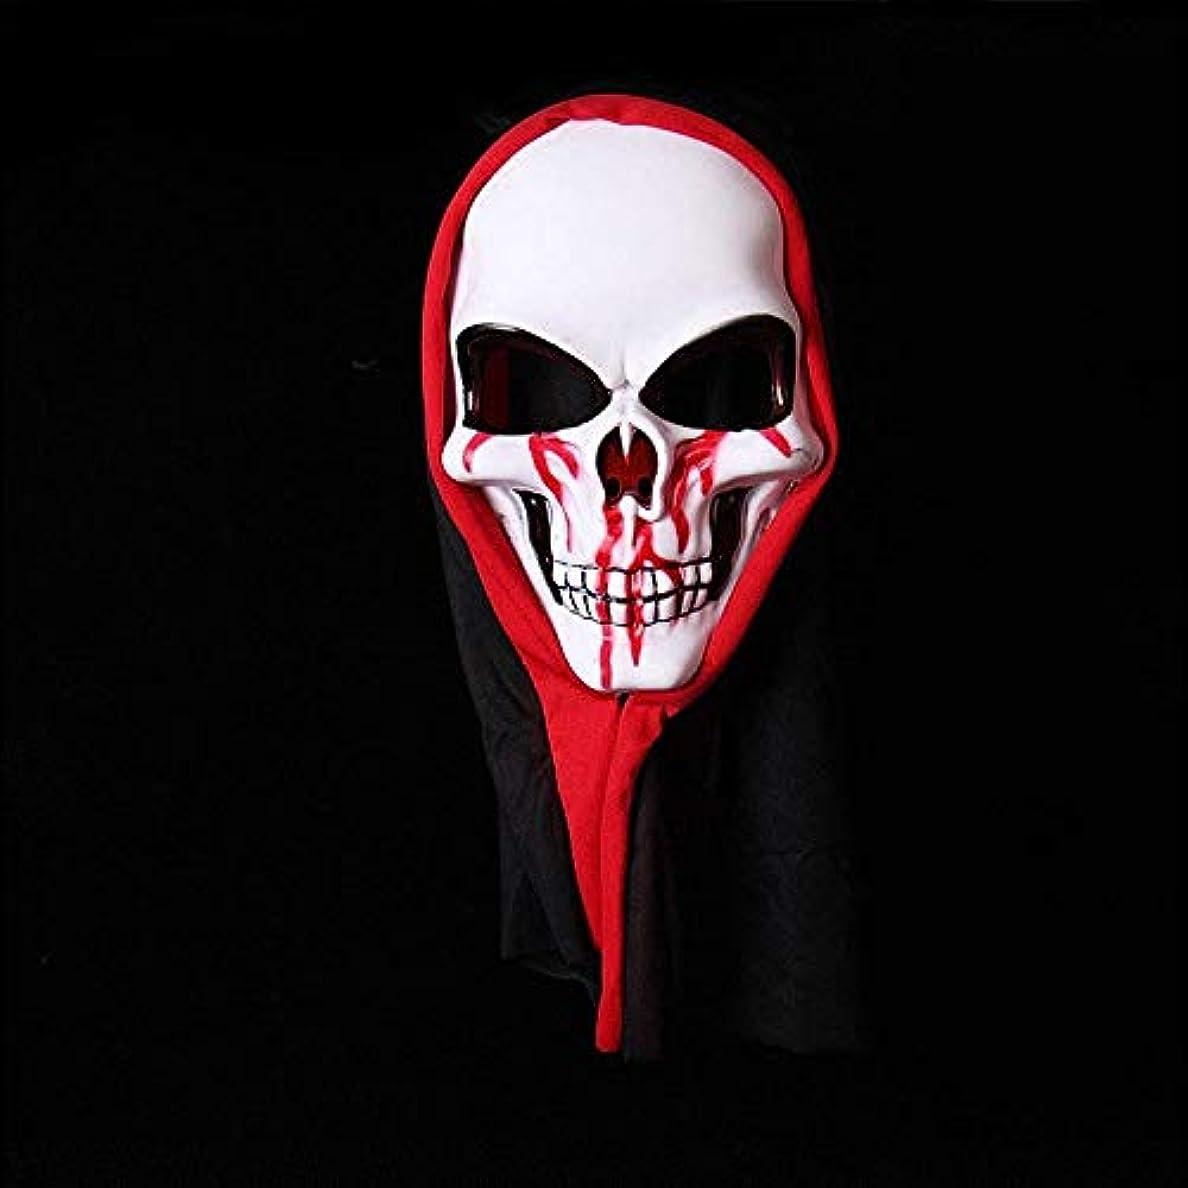 連邦まで付属品Cozyswan ハロウィンマスク 血まみれ スケルトン ヘッドスカーフ付き PVC製 ハロウィン飾り 怖い 雰囲気 ホラー パーティー 学園祭 文化祭 被り物 仮装 おしゃれ